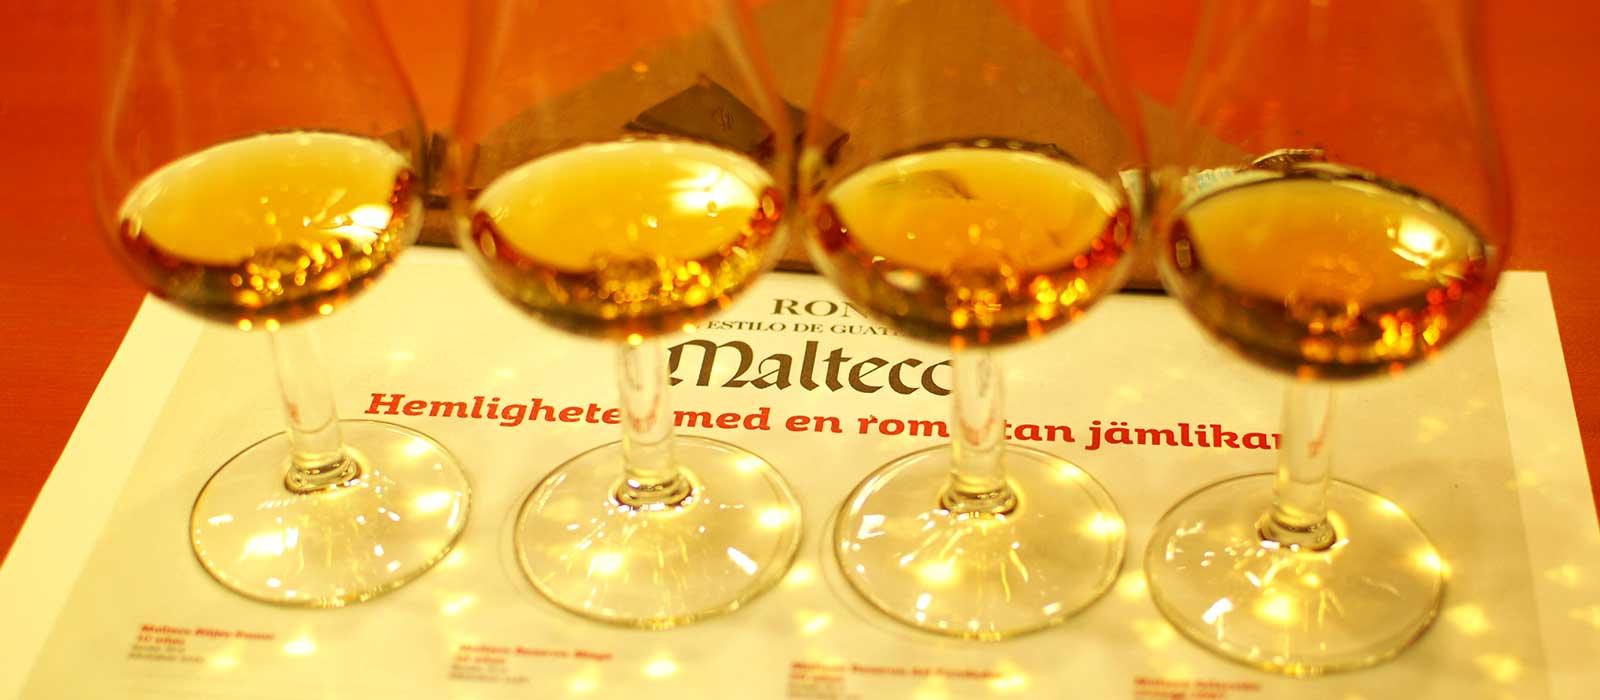 Provning: Ron Malteco kombinerat med choklad